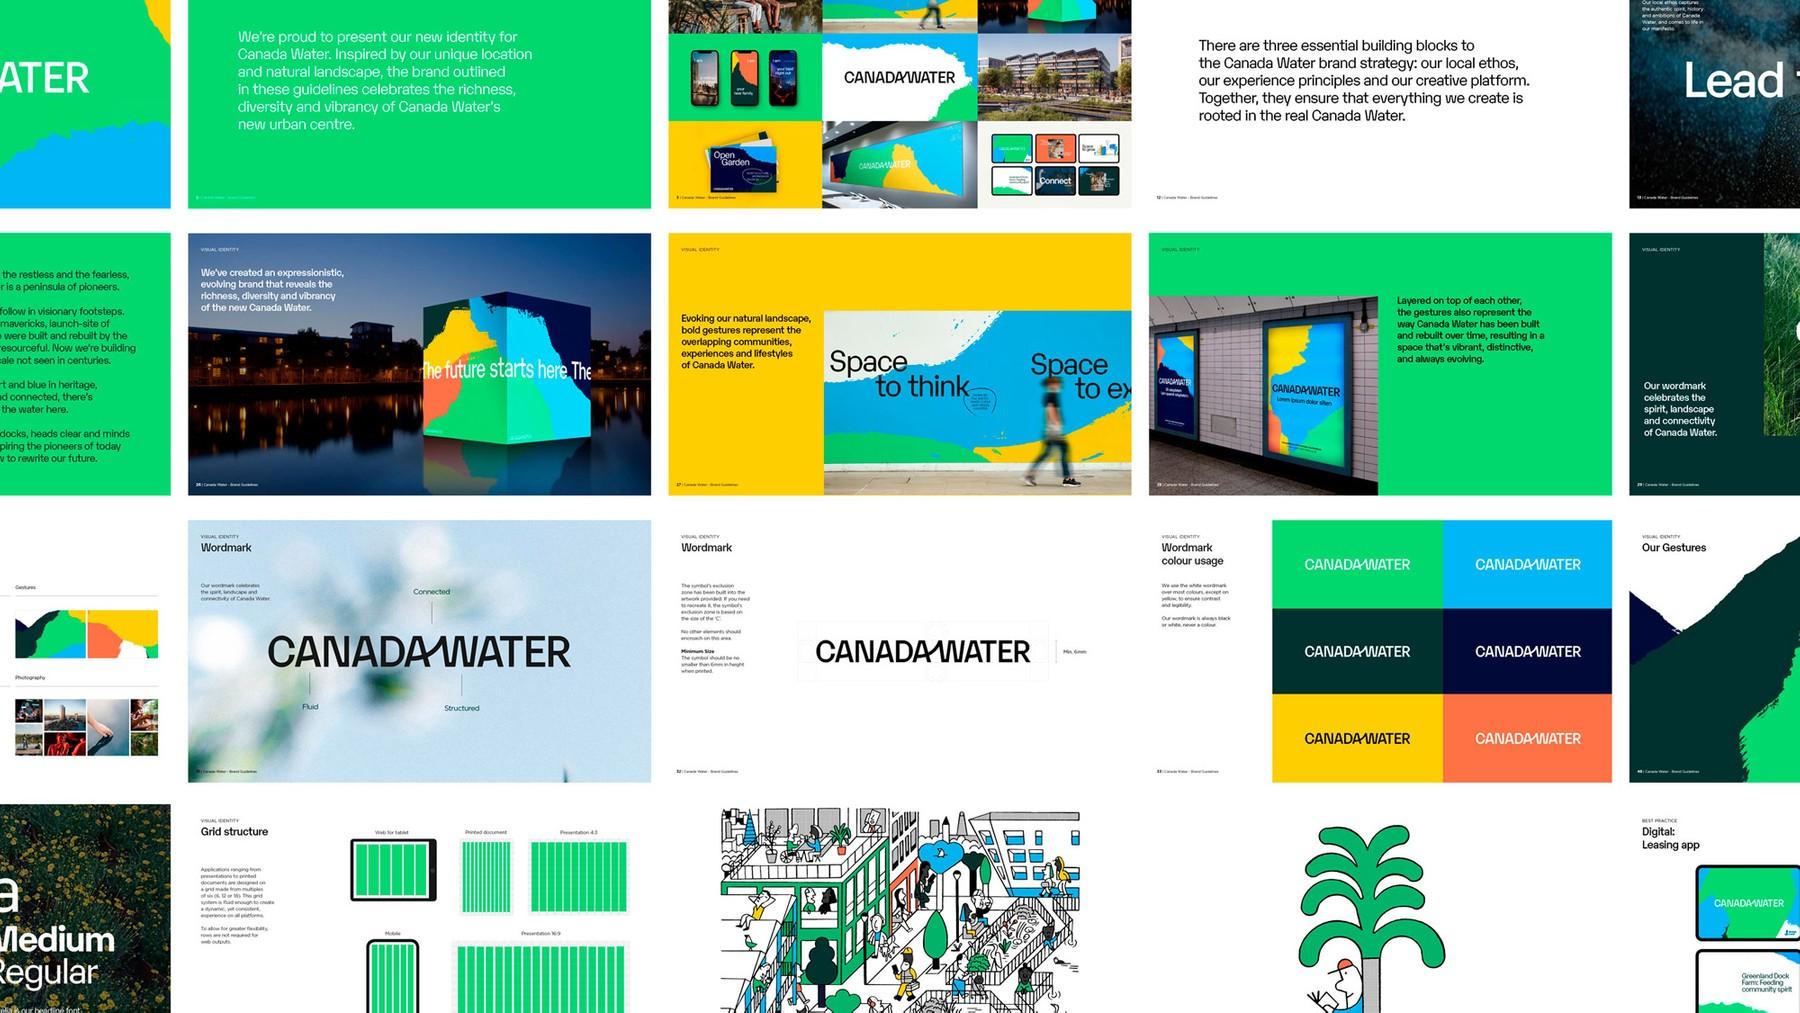 canada_water_guidelines.jpg